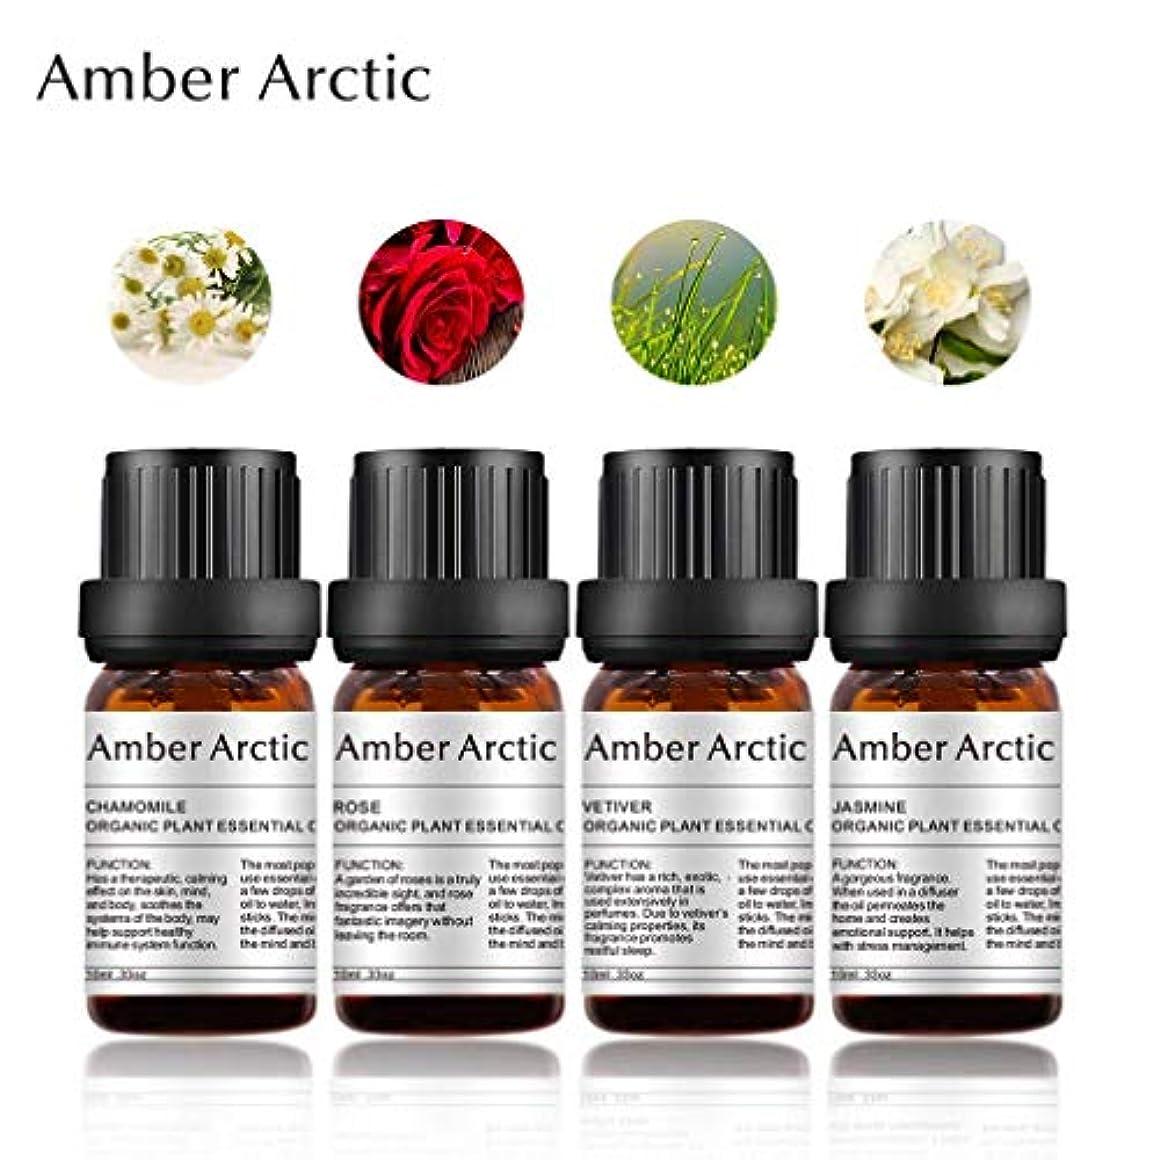 偽造タヒチブームAmber Arctic 4 パック 精油 セット、 100% 純粋 天然 アロマ 最良 治療 グレード エッセンシャル オイル (ジャスミン、 ベチバー、 ローズ、 カモミール)